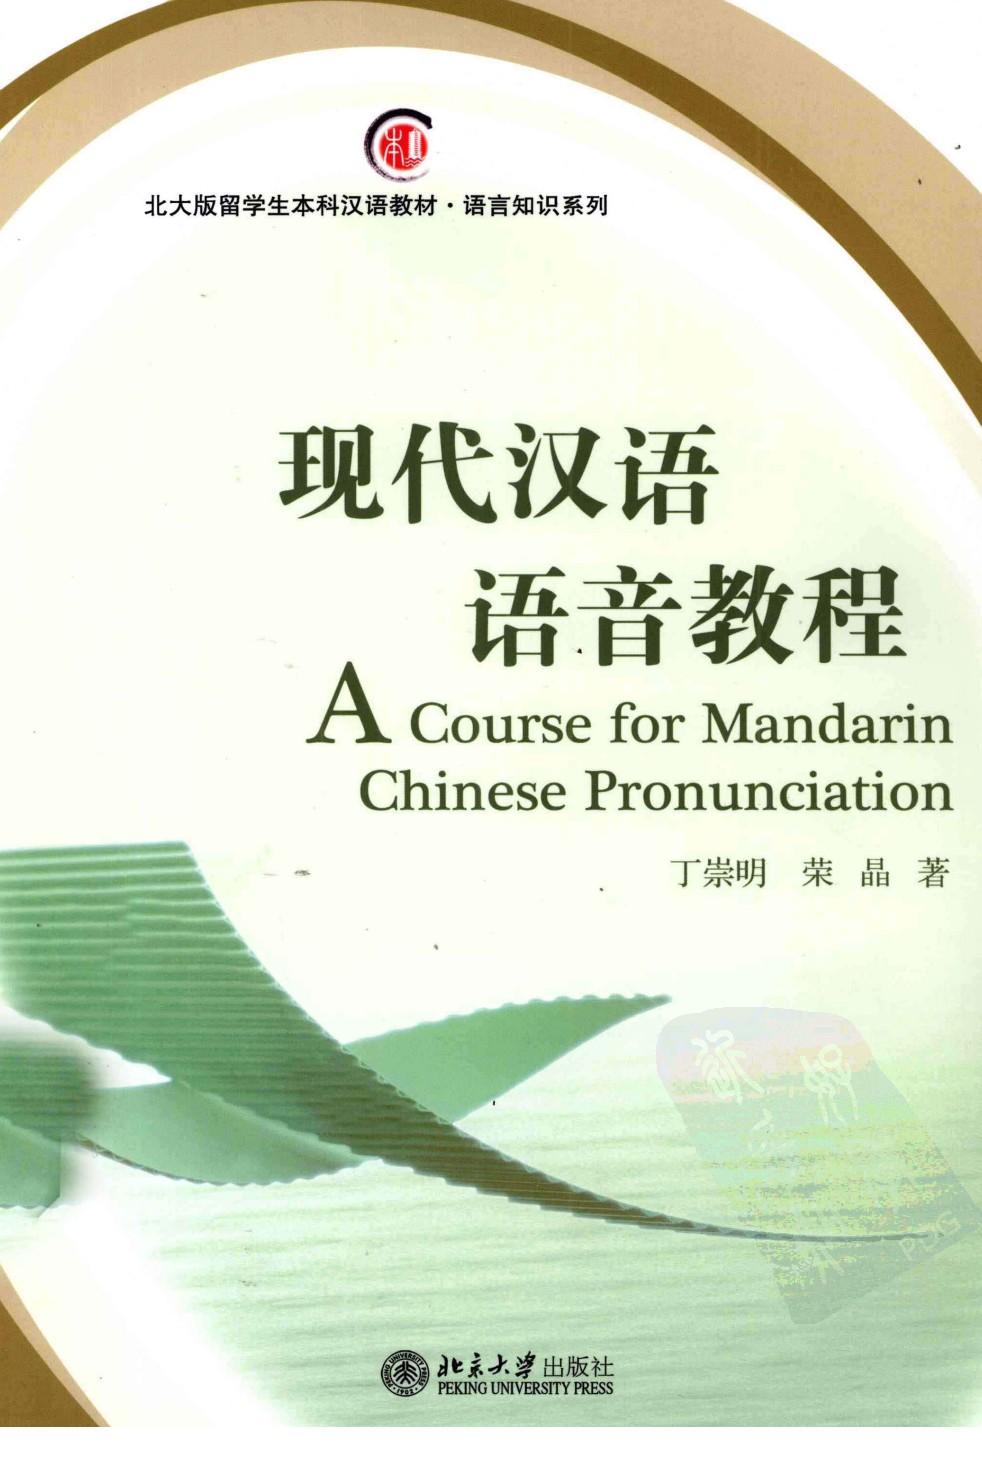 现代汉语语音教程title.png